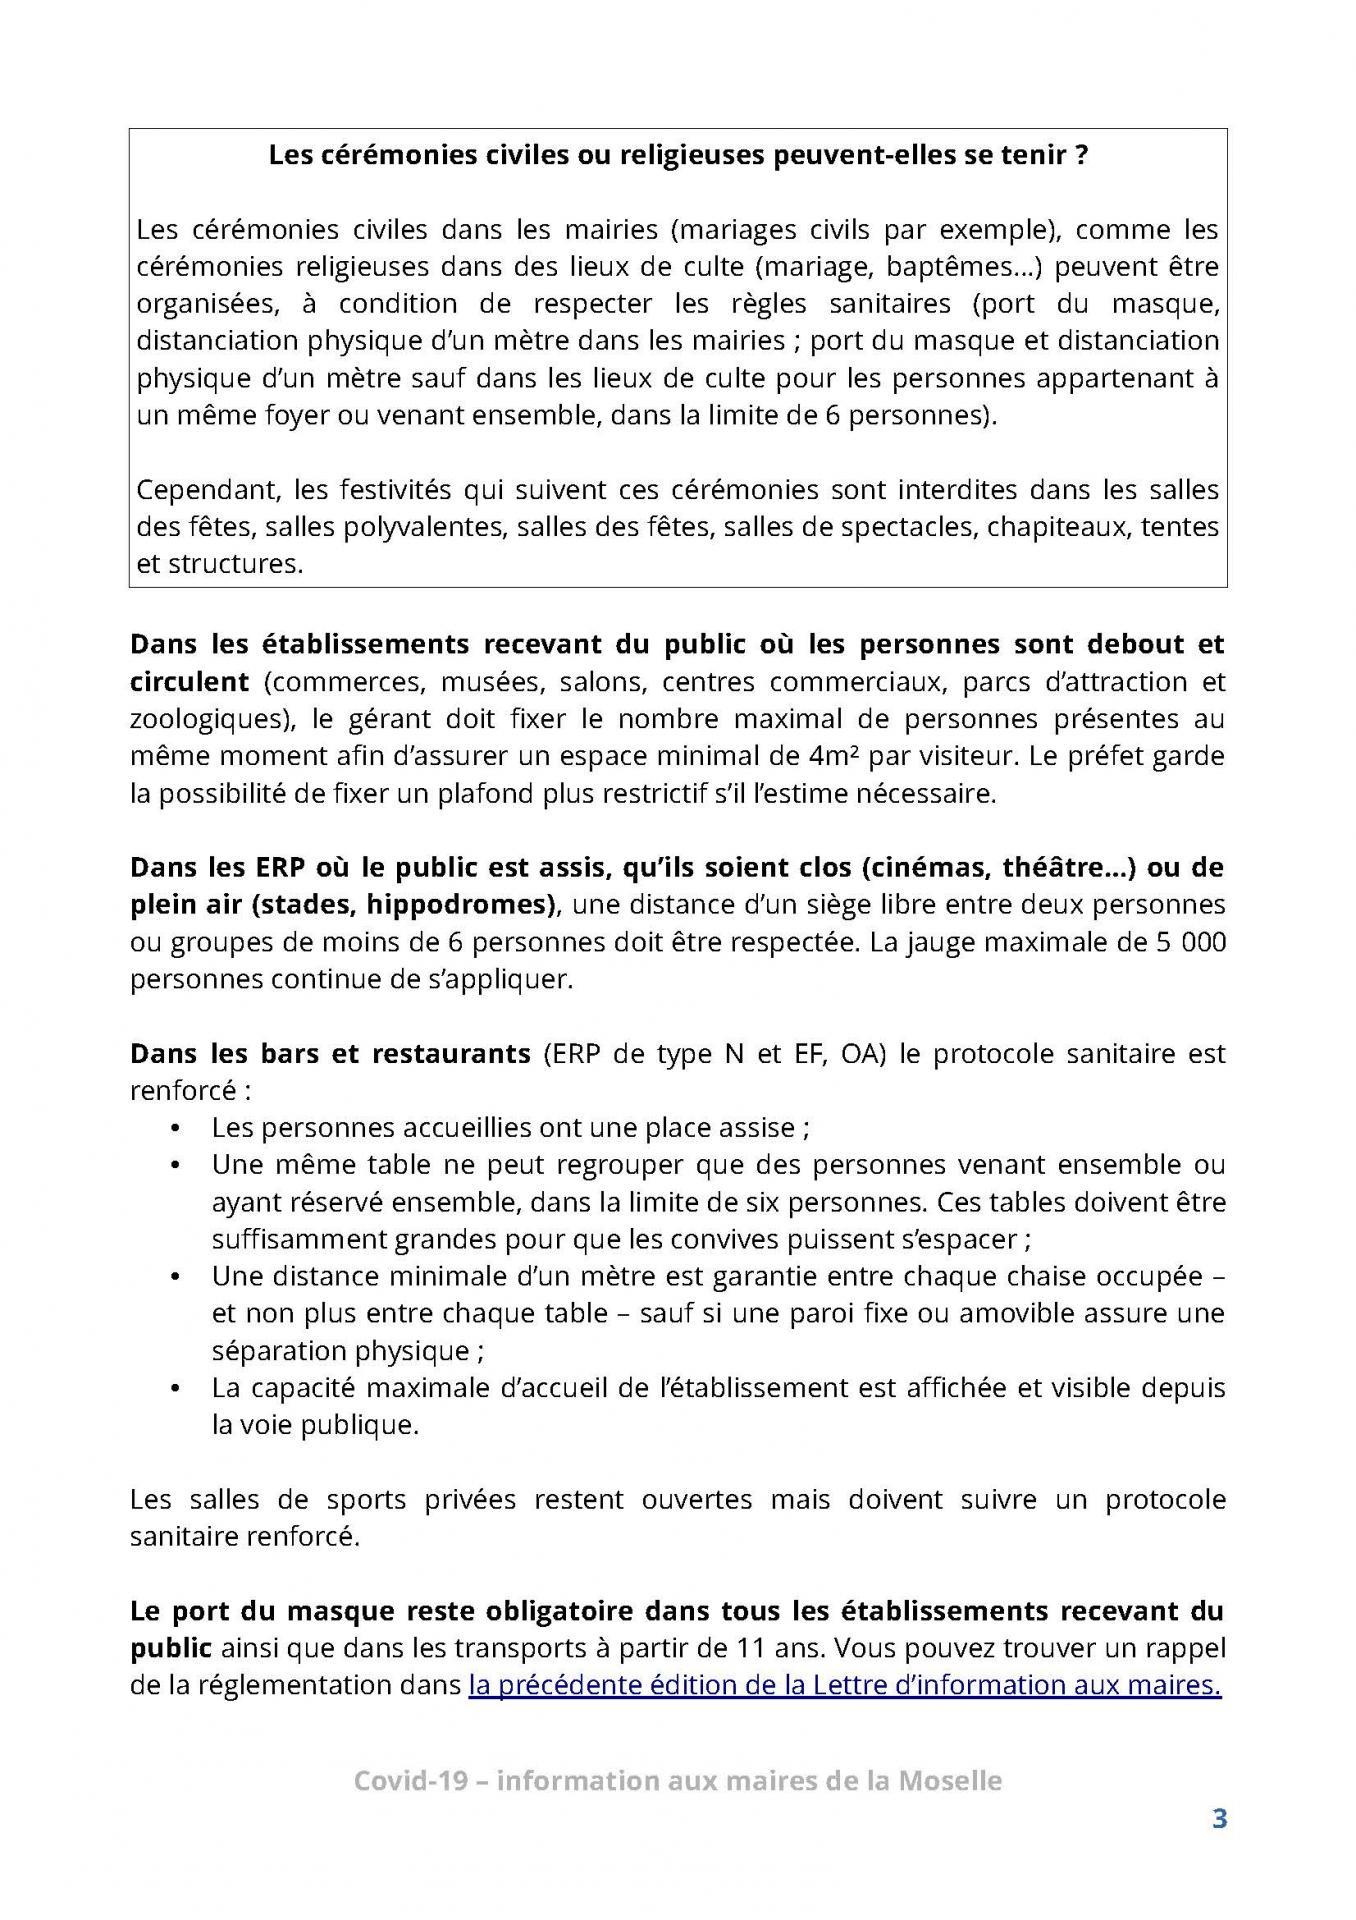 Pages de lettre d information aux maires n 19 covid page 3